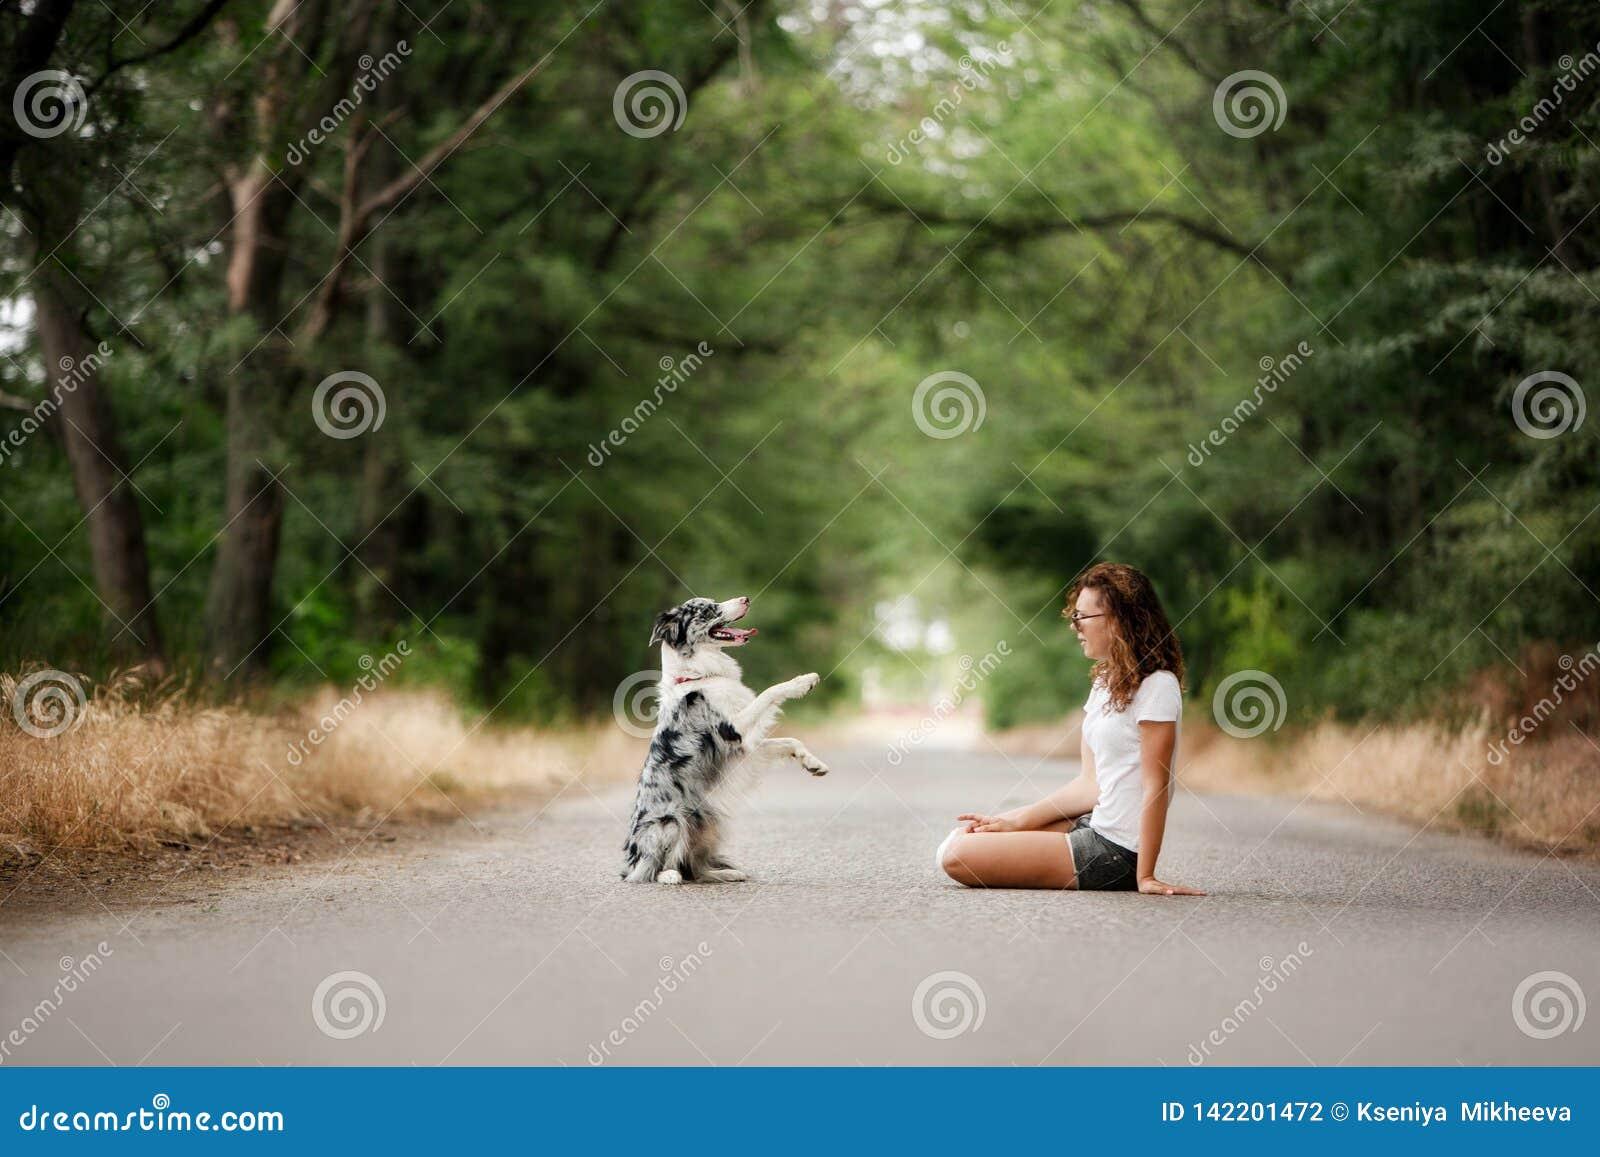 Dziewczyna z psem siedzi na drodze w lesie pies robi sztuczce